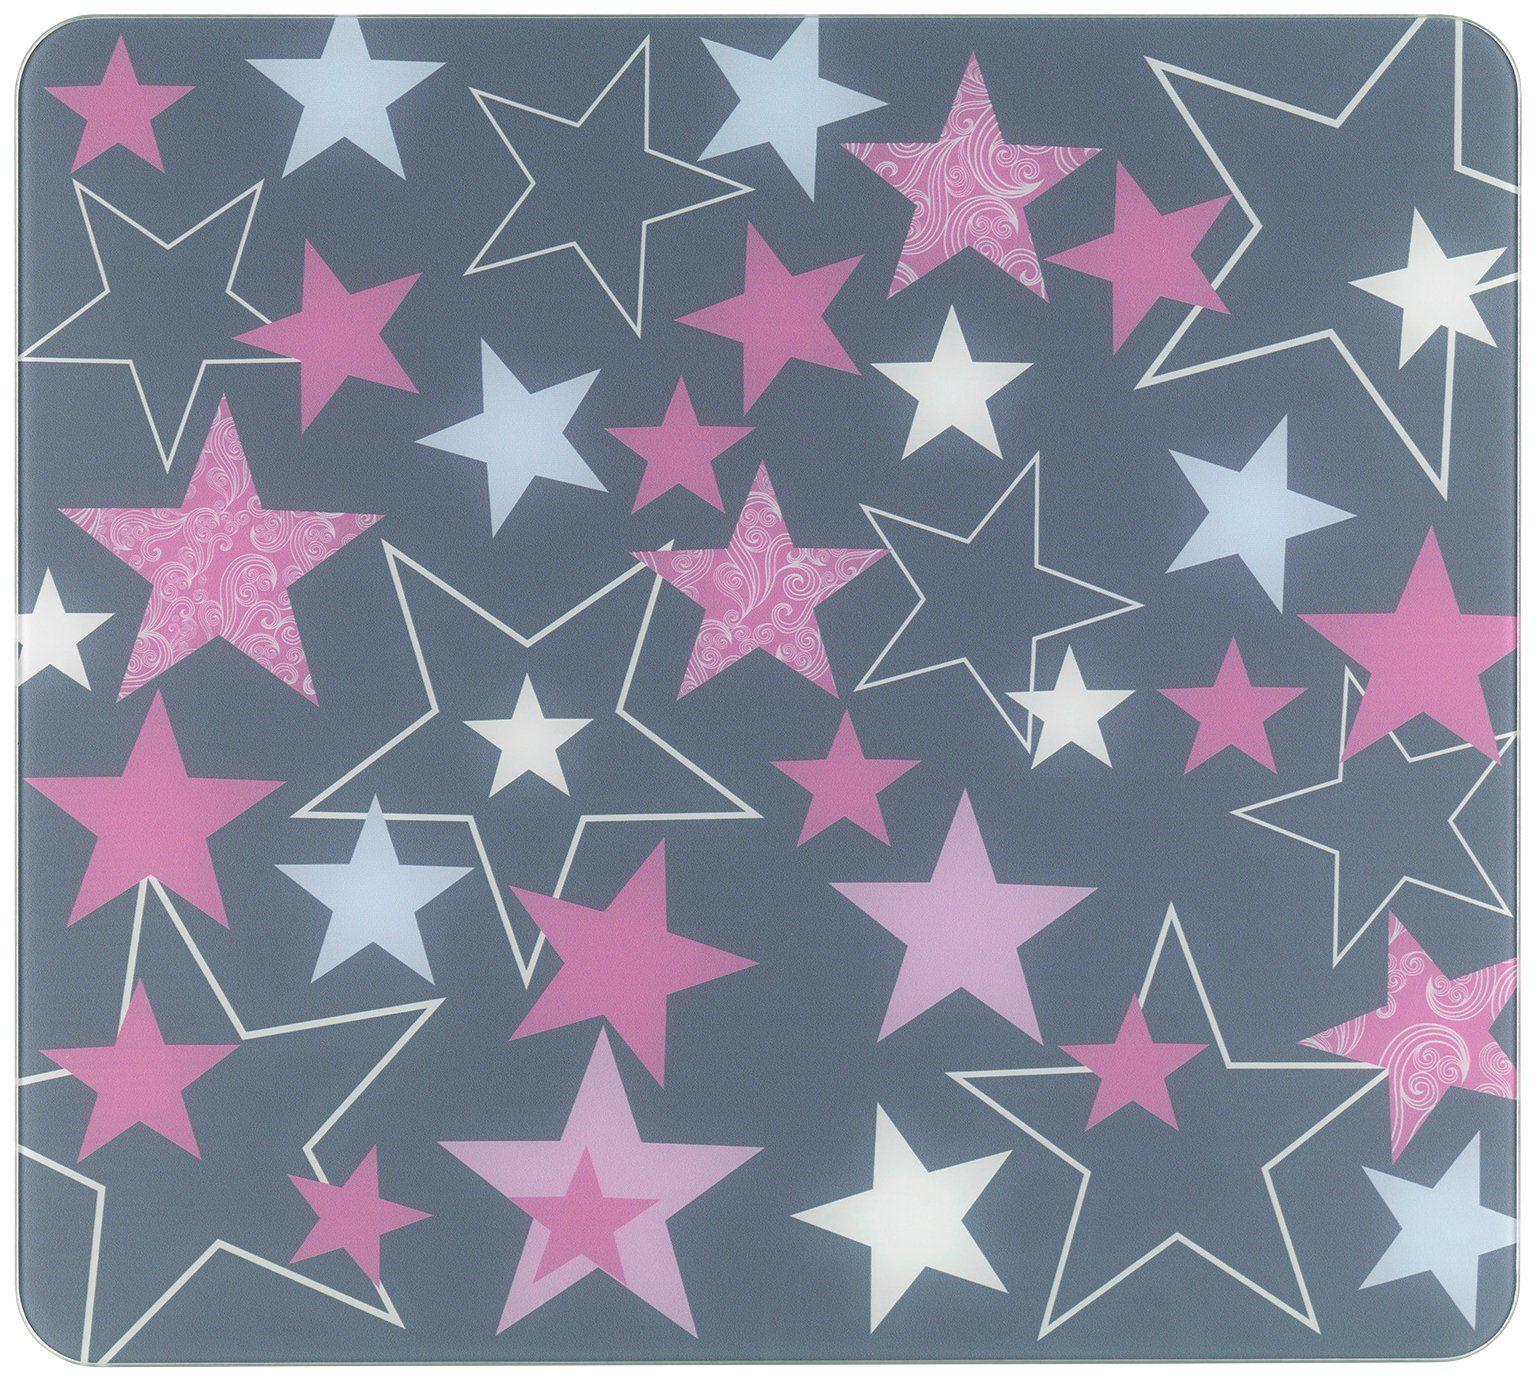 WENKO Abdeckplatte »Sterne Rosa« für Glaskeramik Kochfelder